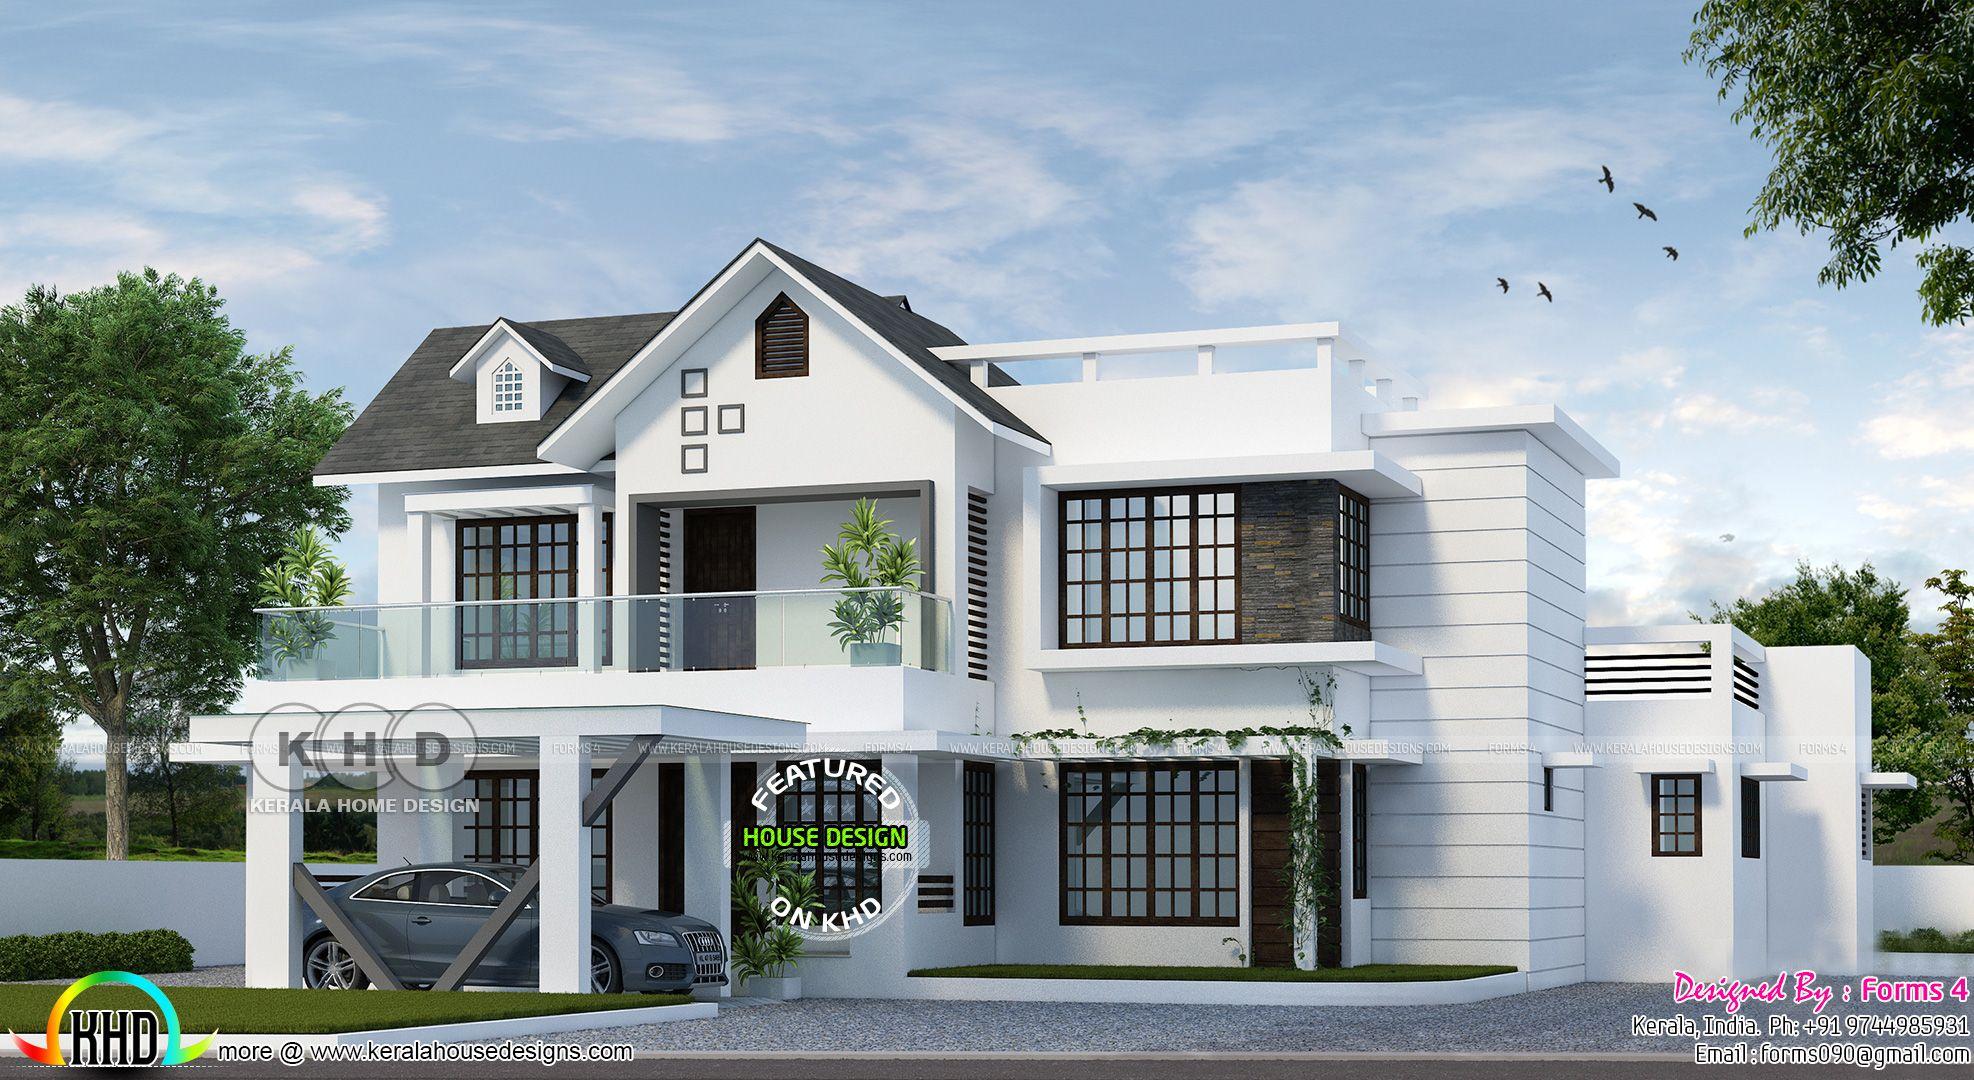 4 Bed Room 1900 Sq Ft Budget Oriented Compact Design Unique House Plans Architectural House Plans Unique House Design